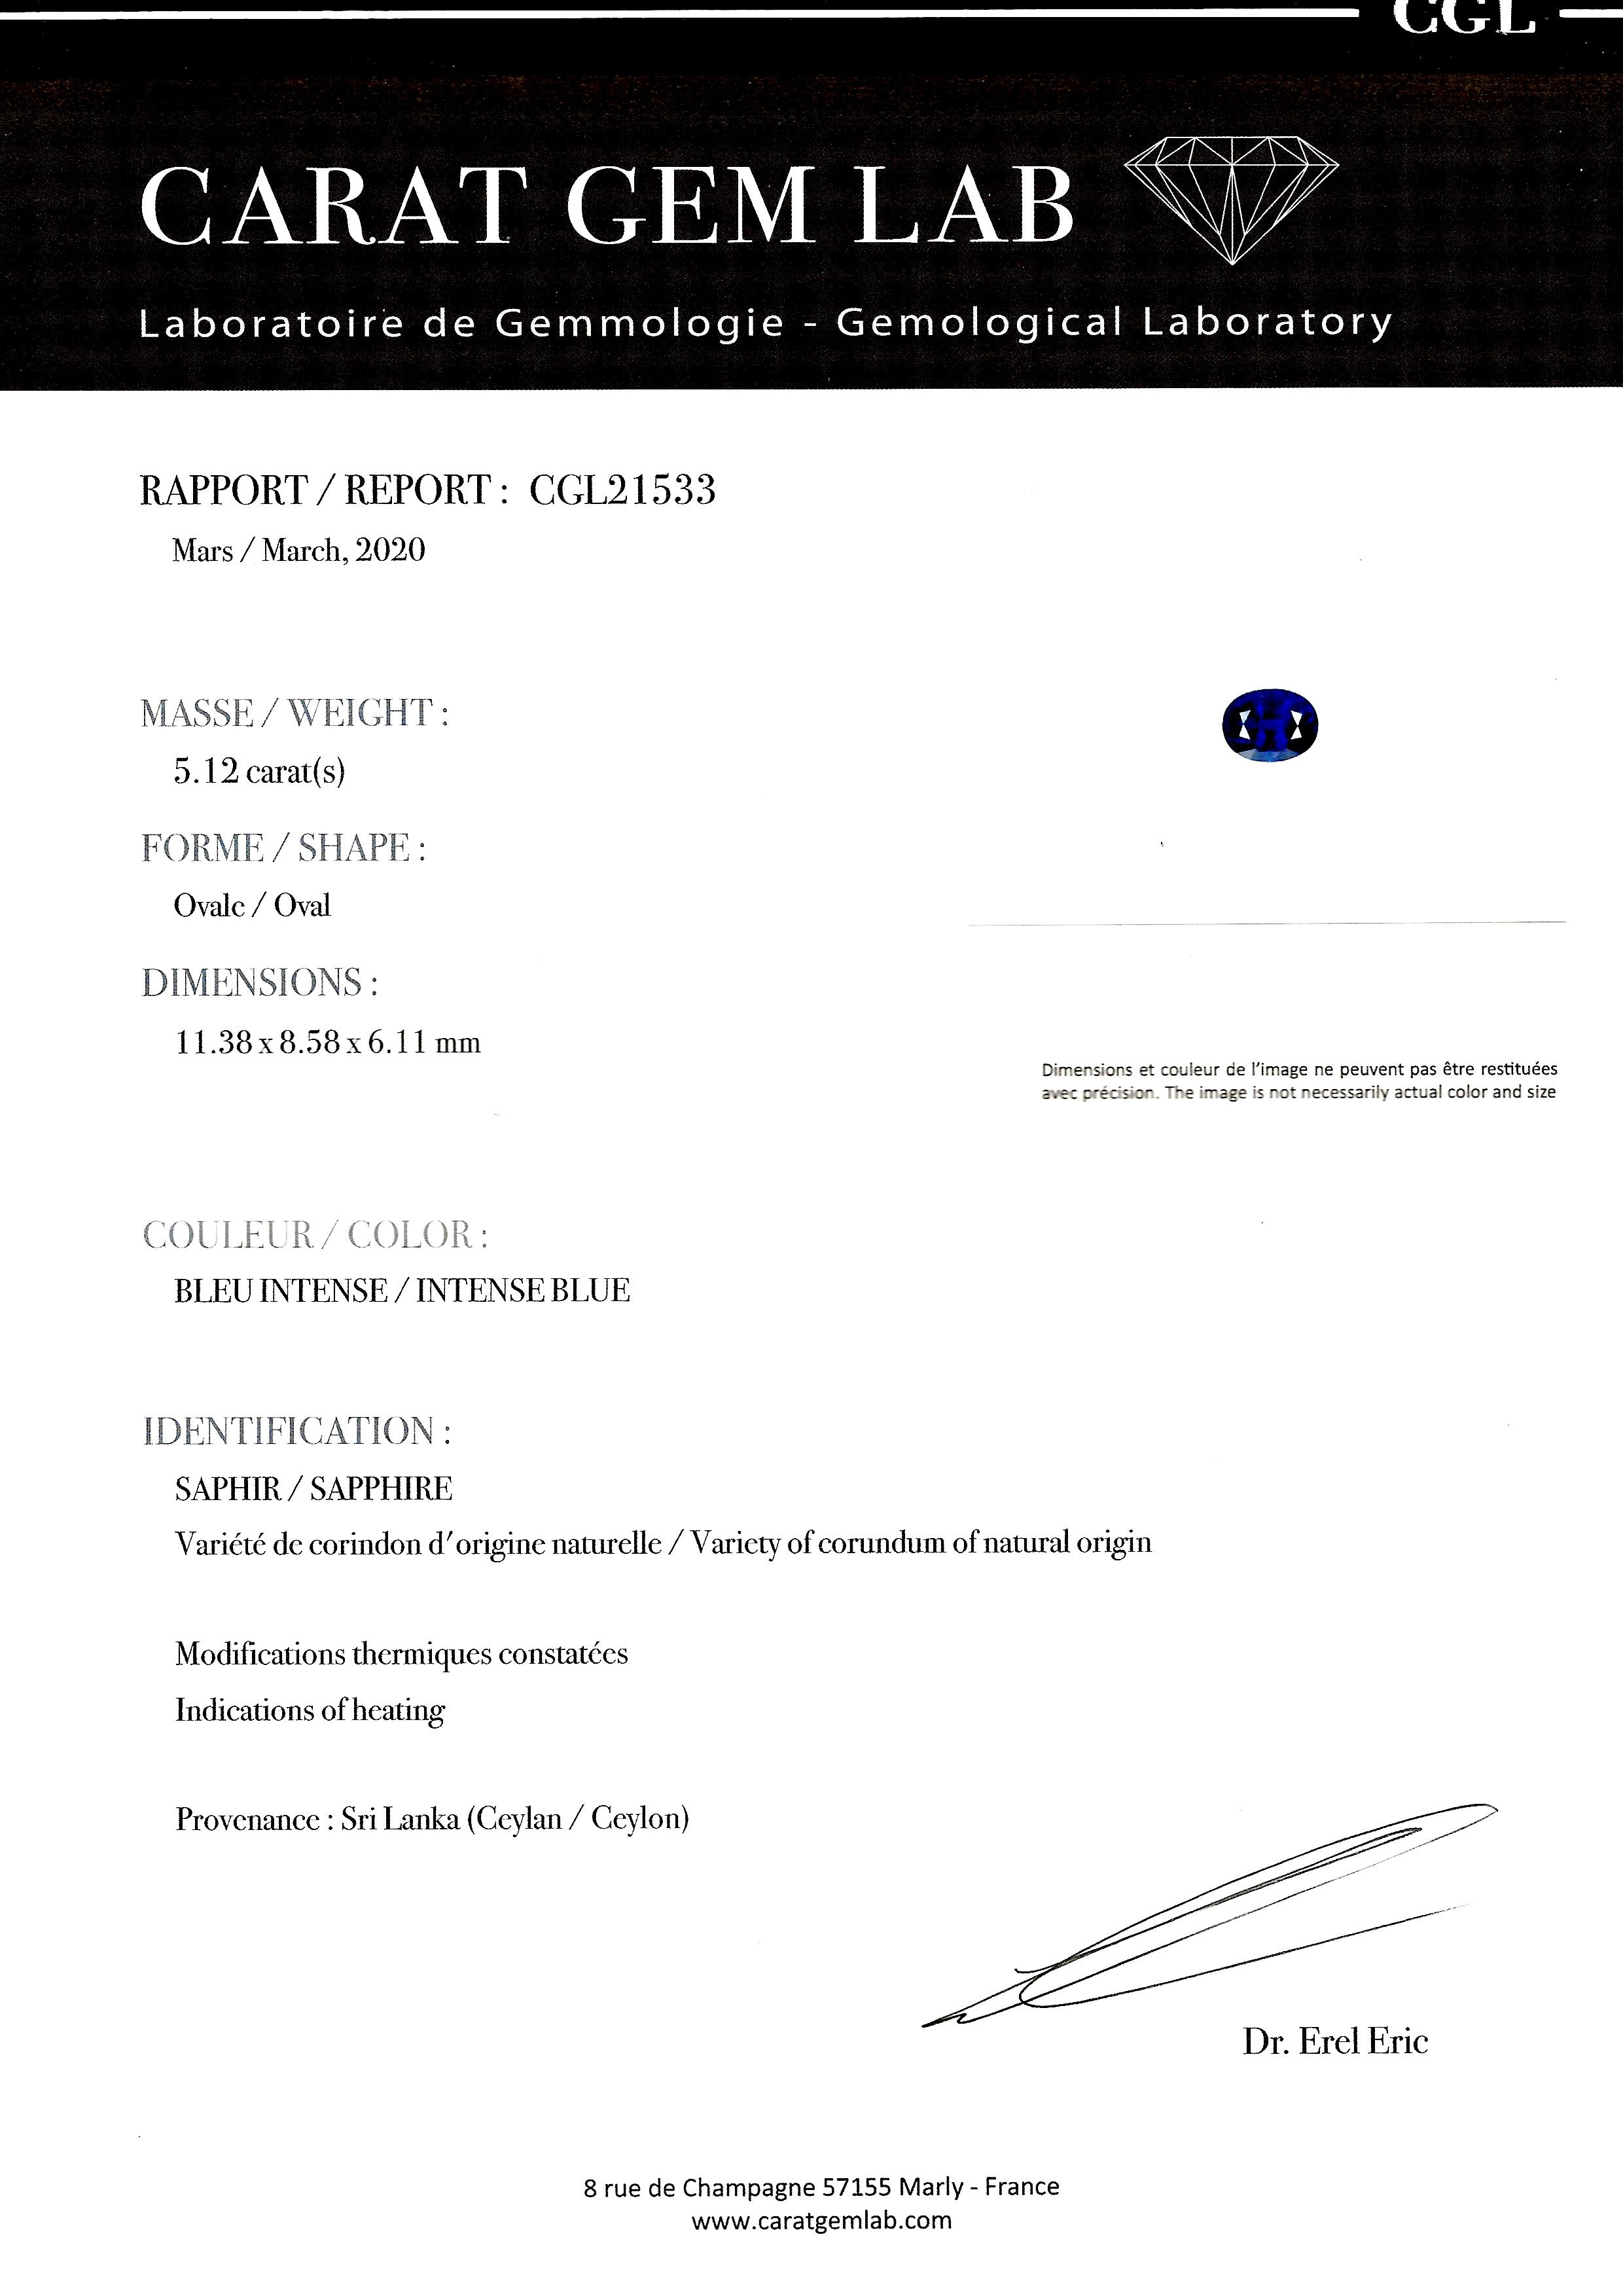 Bague Art Déco saphir 5, 12 carats, bleu intense (certificat laboratoire CGL) diamants-5